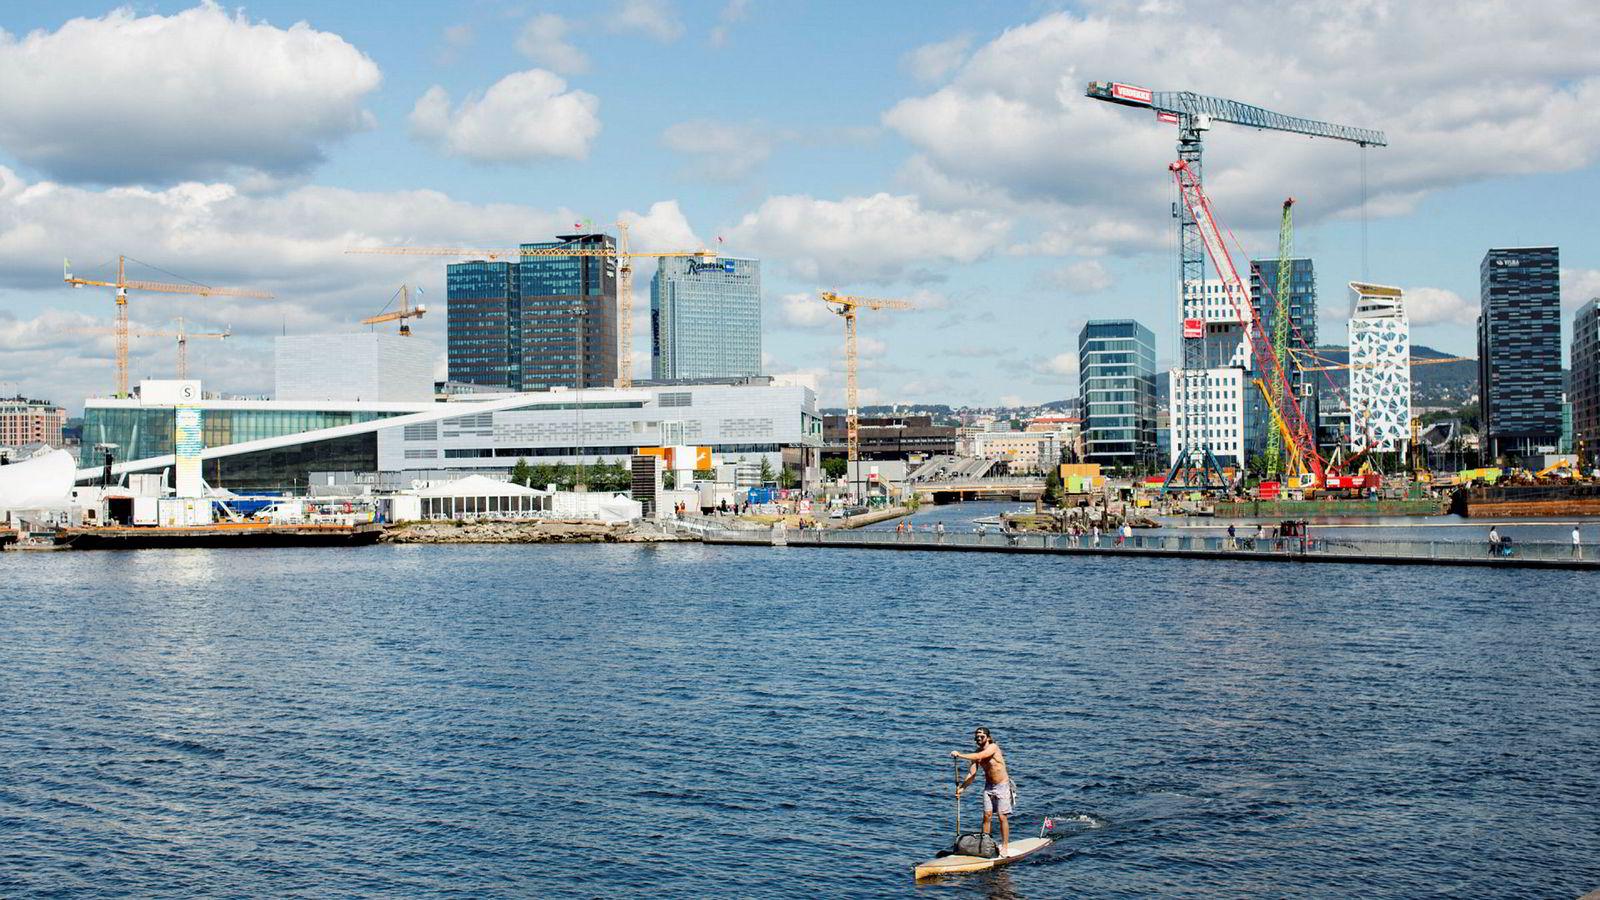 I mange år nå har Oslo vært den raskest voksende byen i Europa, det er mulig det stanser opp etter hvert, men det er vanskelig å se at noen andre norske byer skulle ta opp hansken og vokse mer enn hovedstaden, skriver artikkelforfatteren. Her fra Sørenga, Oslo.